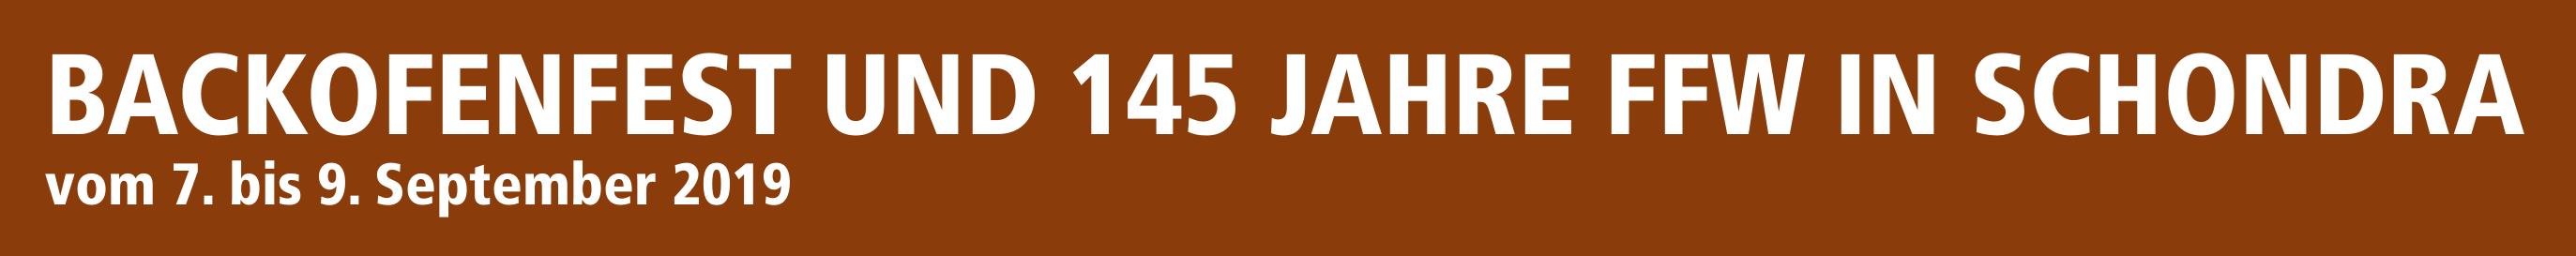 Backofenfest und 145 Jahre FFW in Schondra Image 1